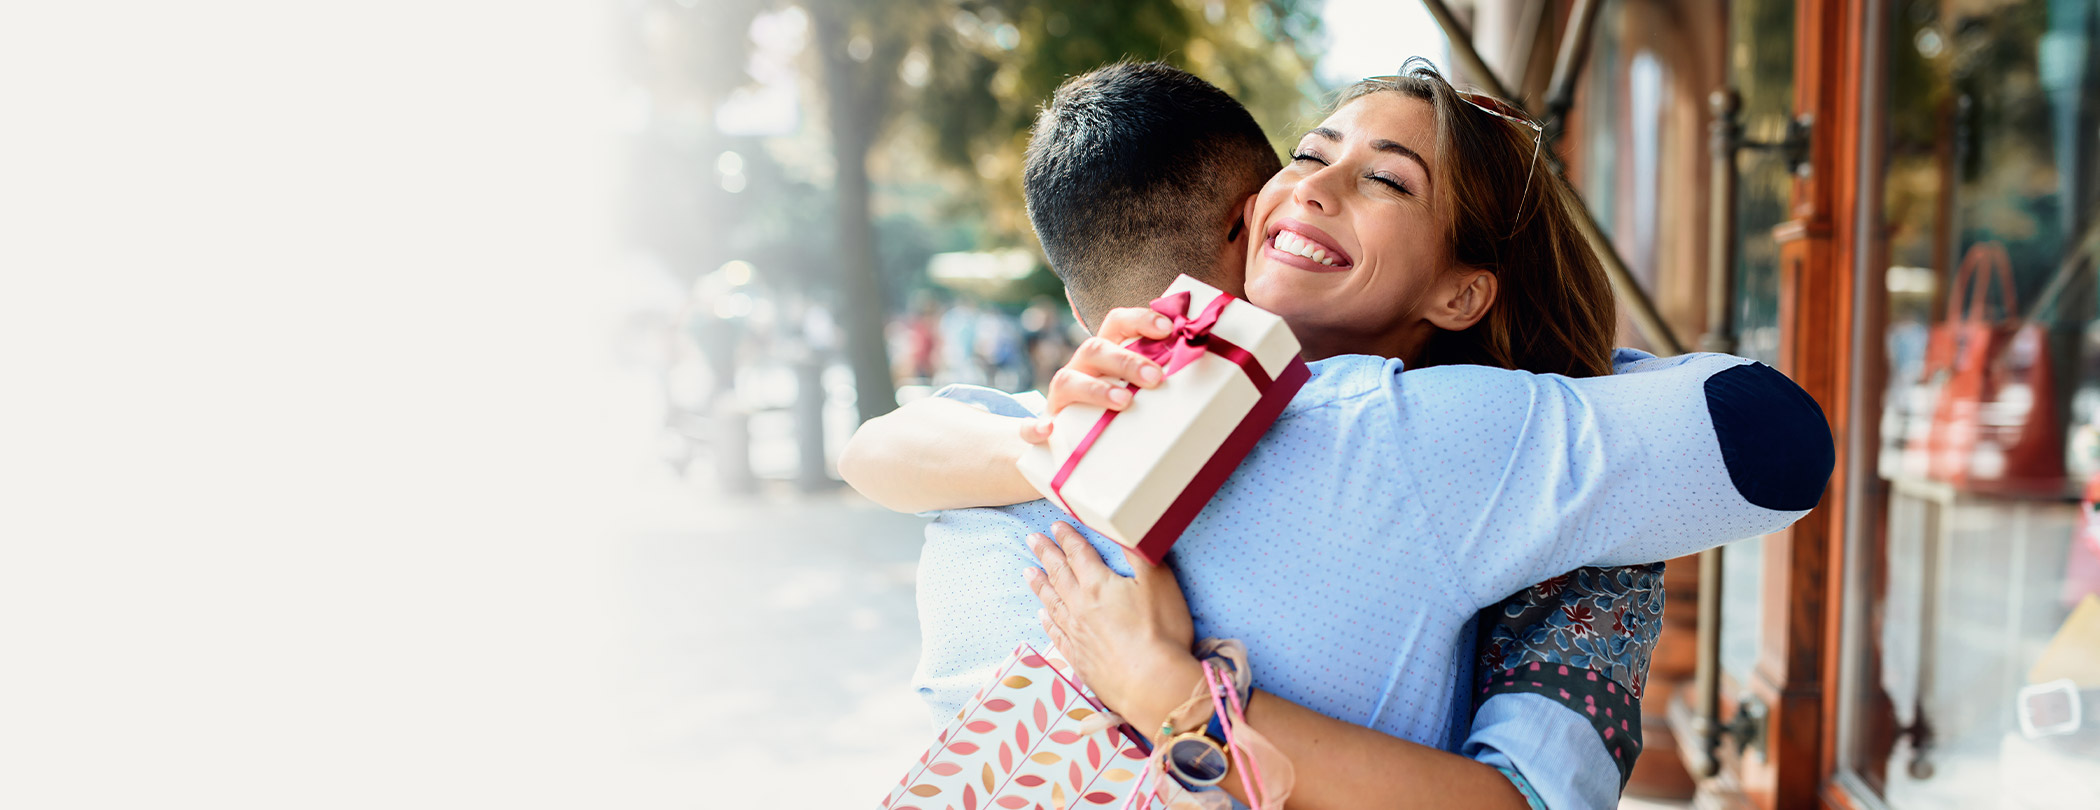 En güzel hediye önerileri, en uygun ürün fiyatları ve alışverişe dair aradığın her şey burada!